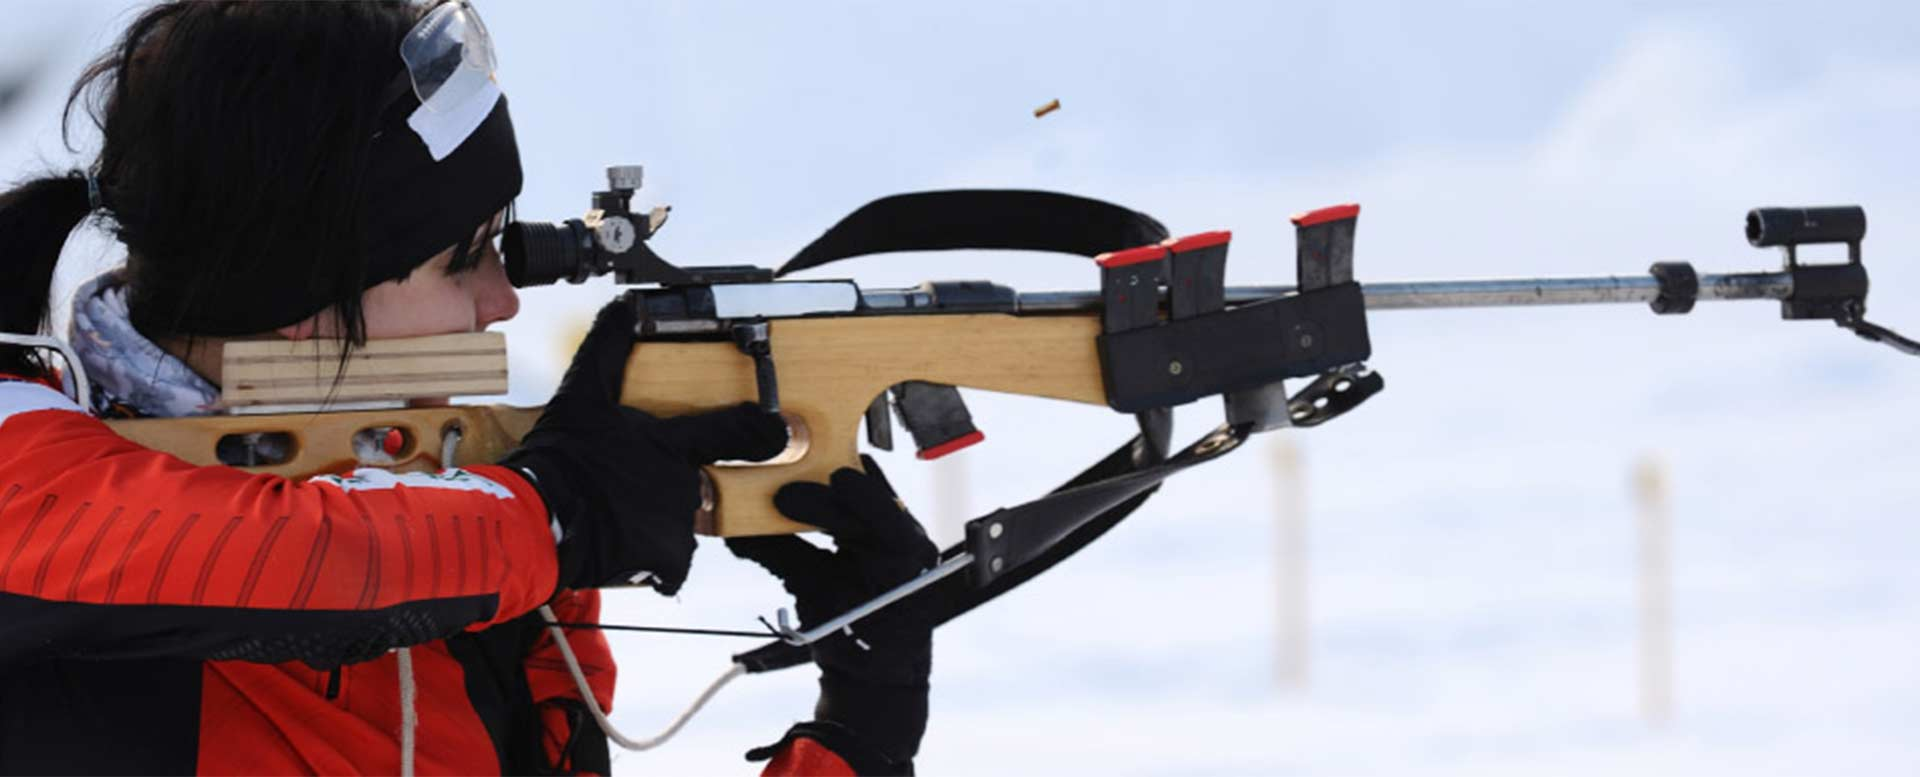 Biathlon - Schießen mit dem Kleinkalibergewehr